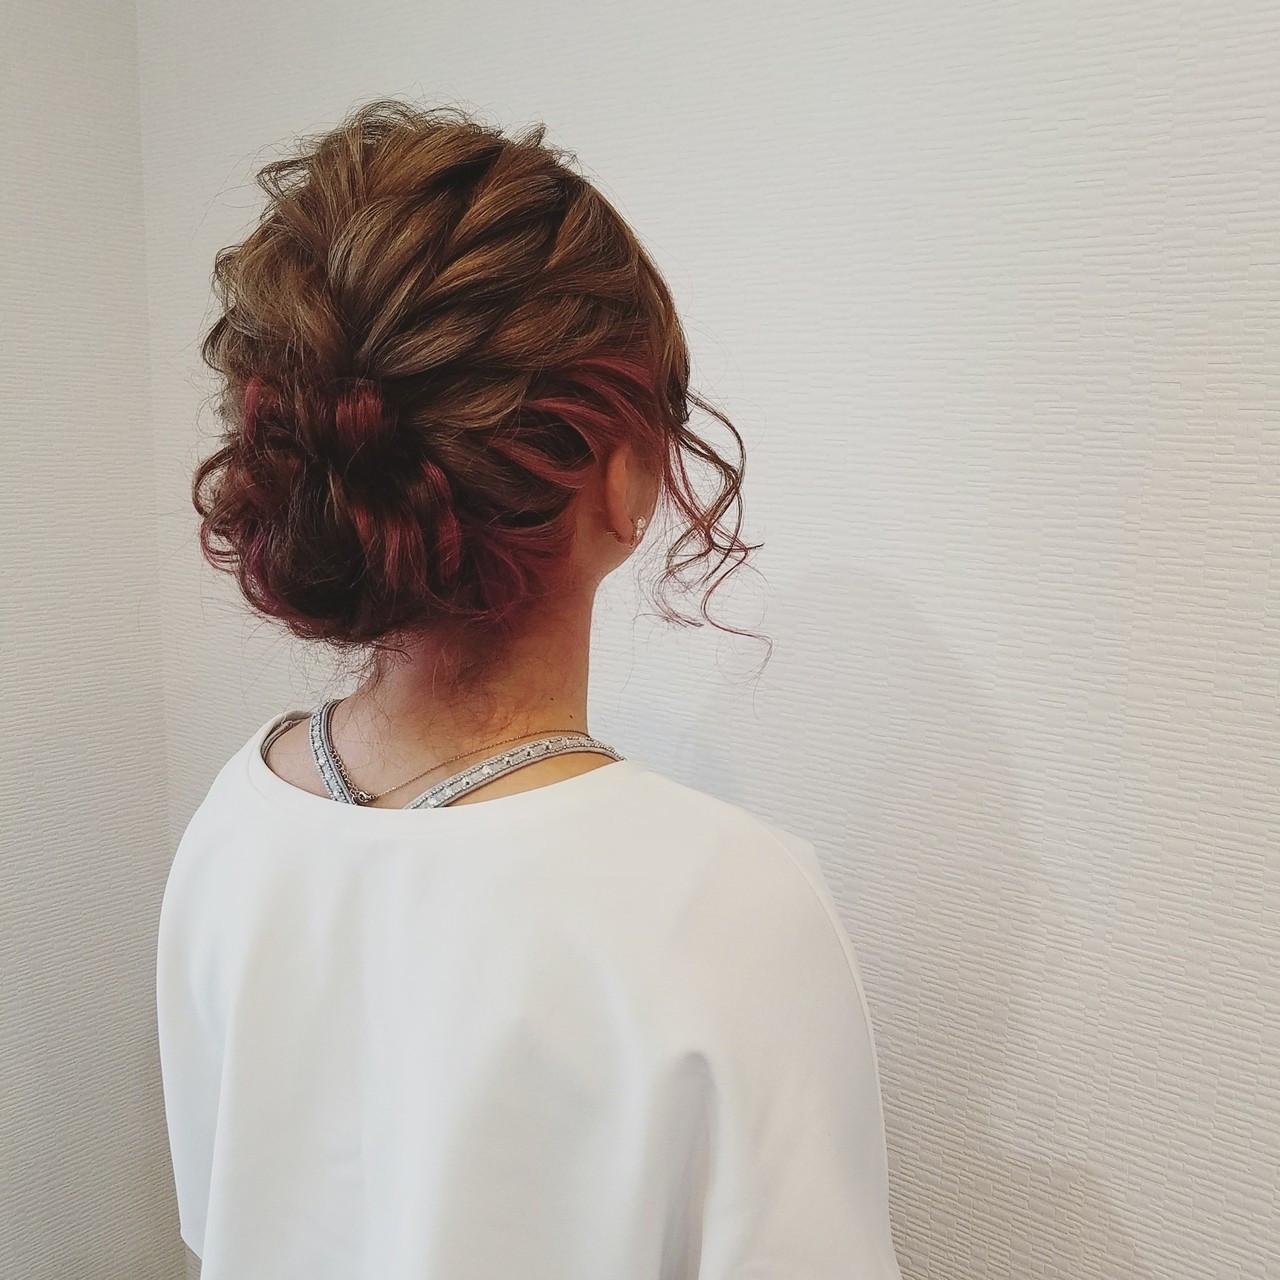 アップスタイル ミディアム フェミニン ヘアアレンジ ヘアスタイルや髪型の写真・画像